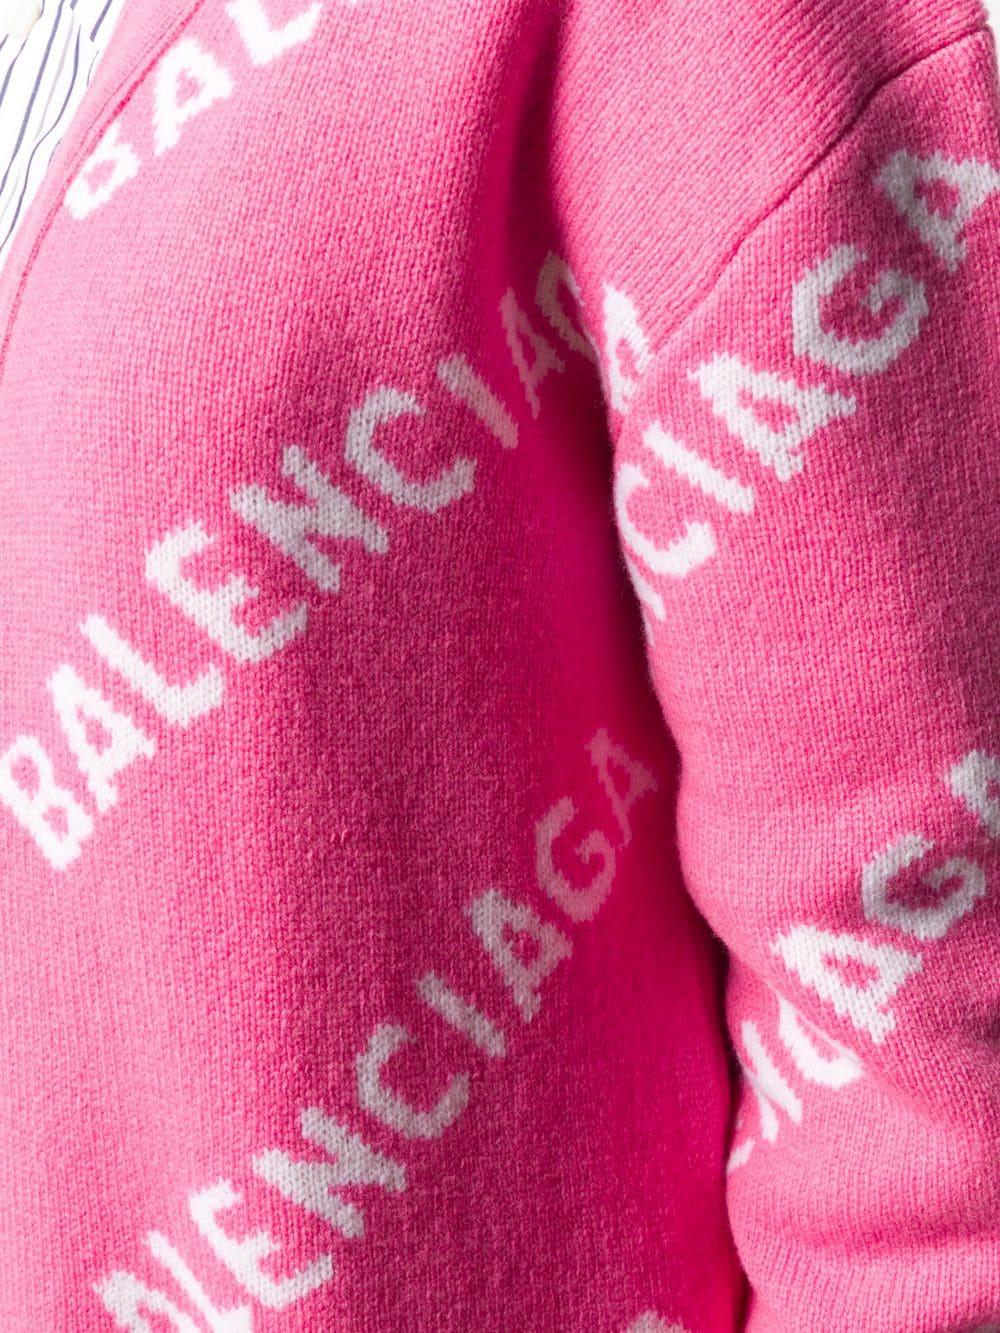 cardigan rosa oversize in maglia di lana con logo Balenciaga bianco all over BALENCIAGA   Maglieria Moda   620984-T15675621